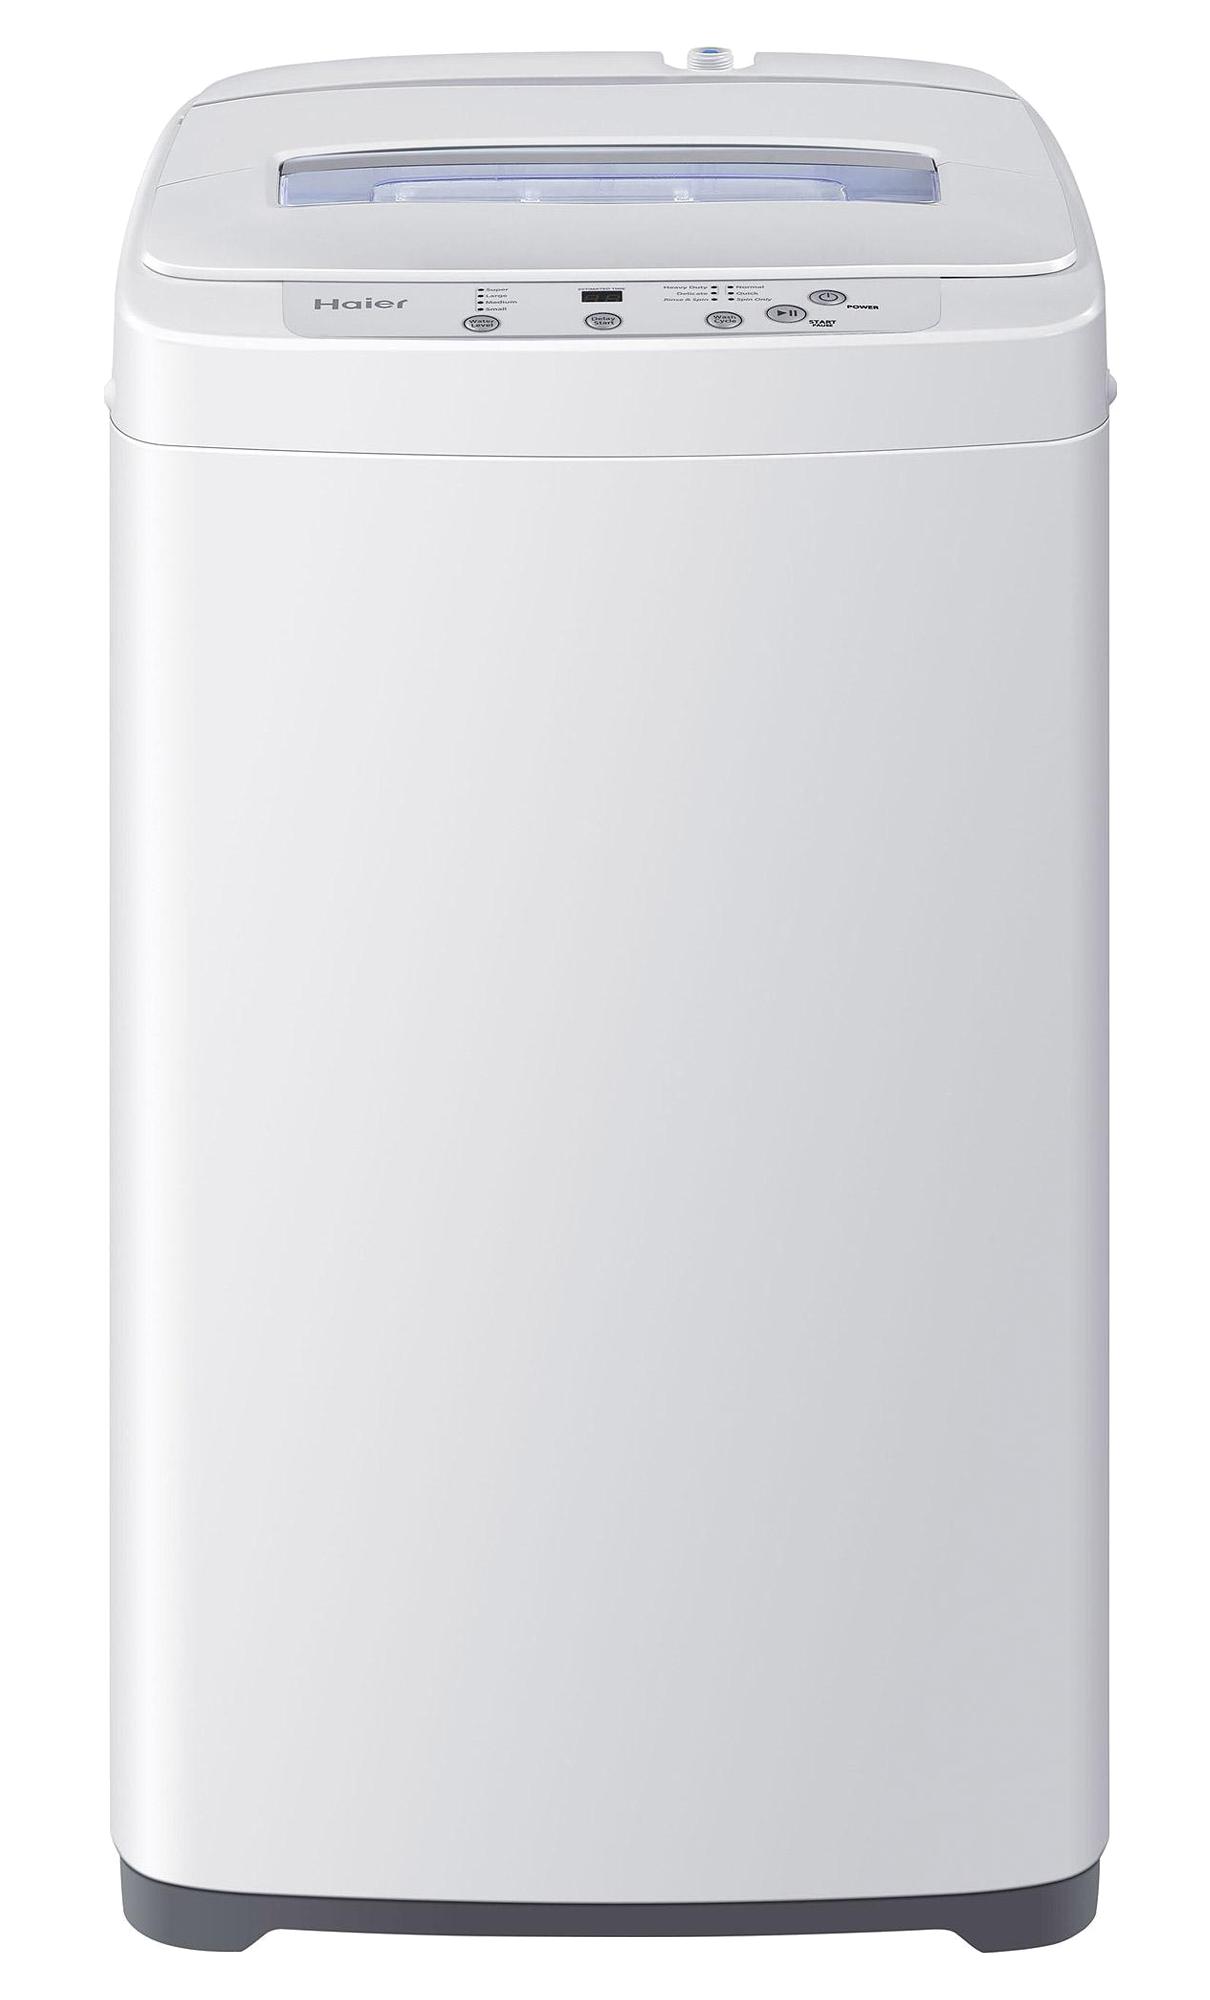 Top Loading Washing Machine Free PNG